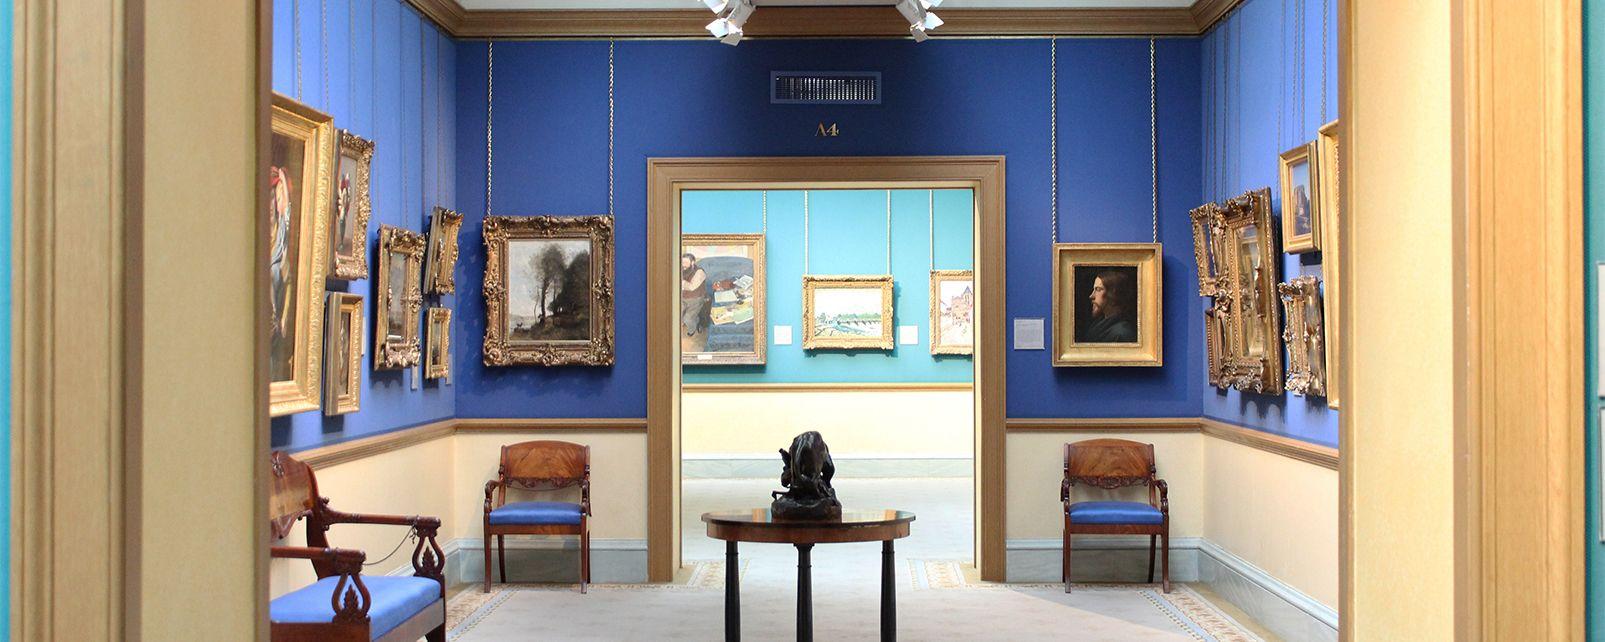 La National Gallery a Edimburgo , La National Gallery of Scotland di Edimburgo , Regno Unito